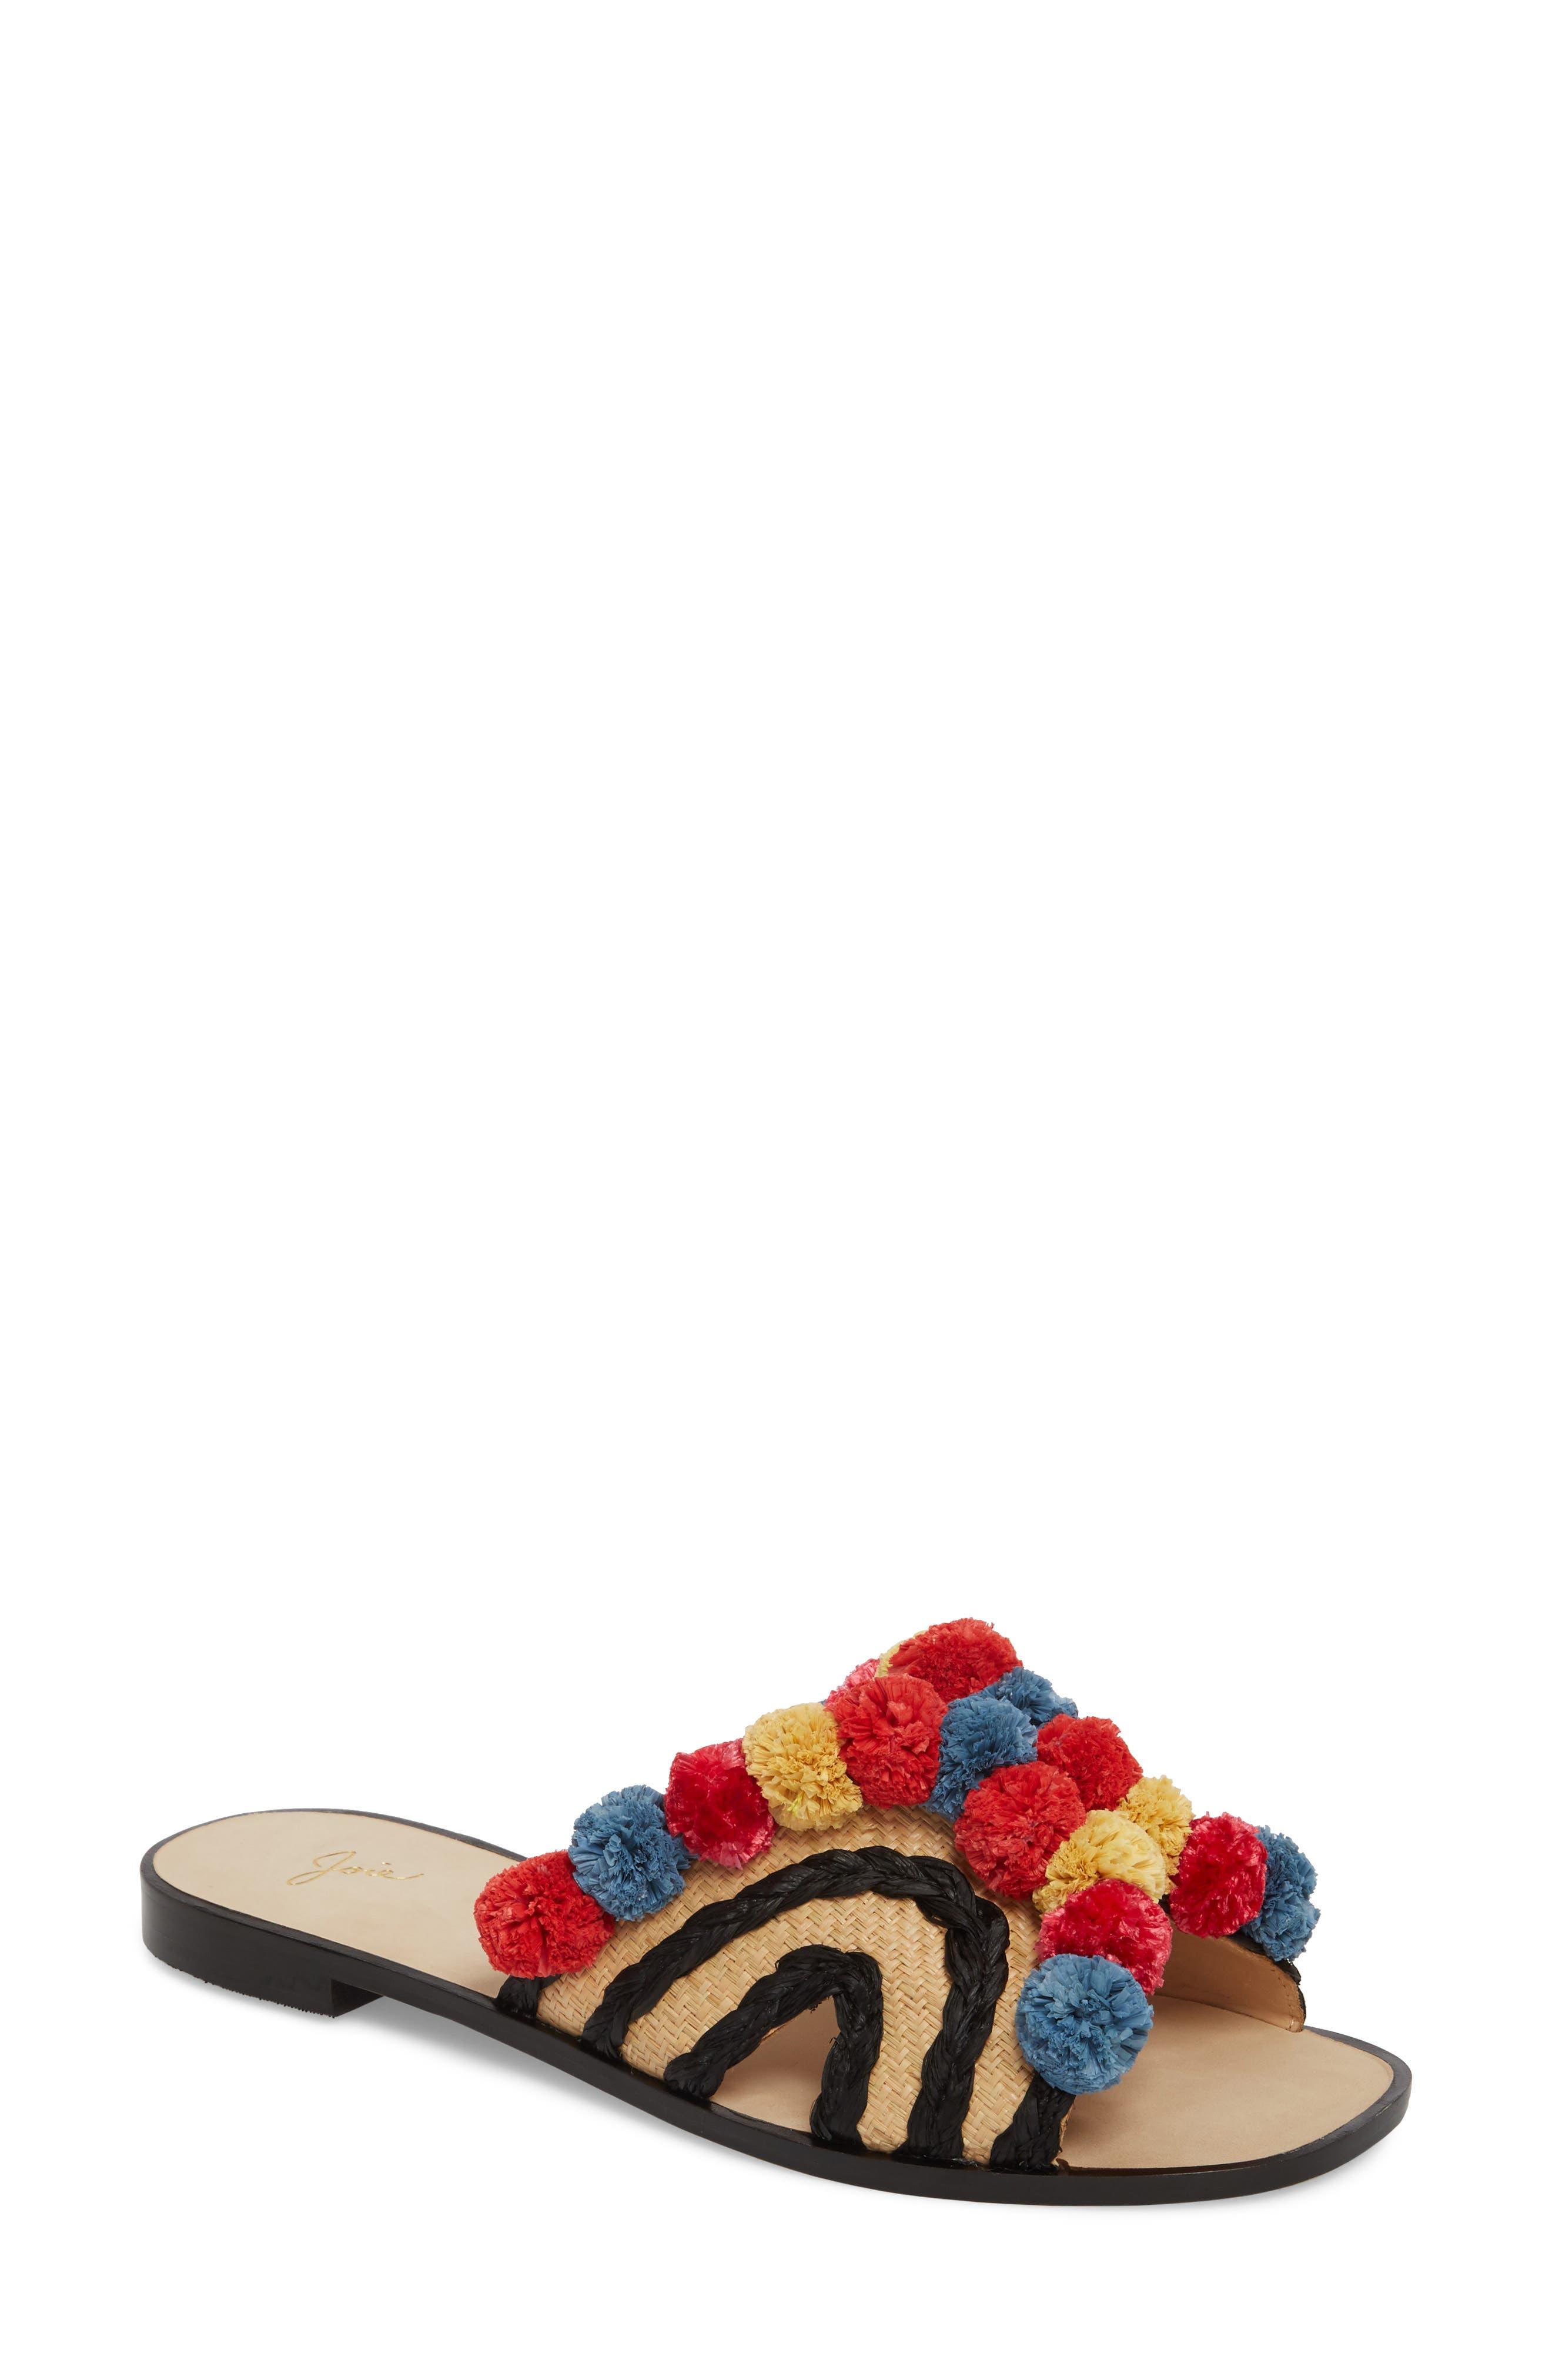 Paden Pompom Slide Sandals,                         Main,                         color, Multi